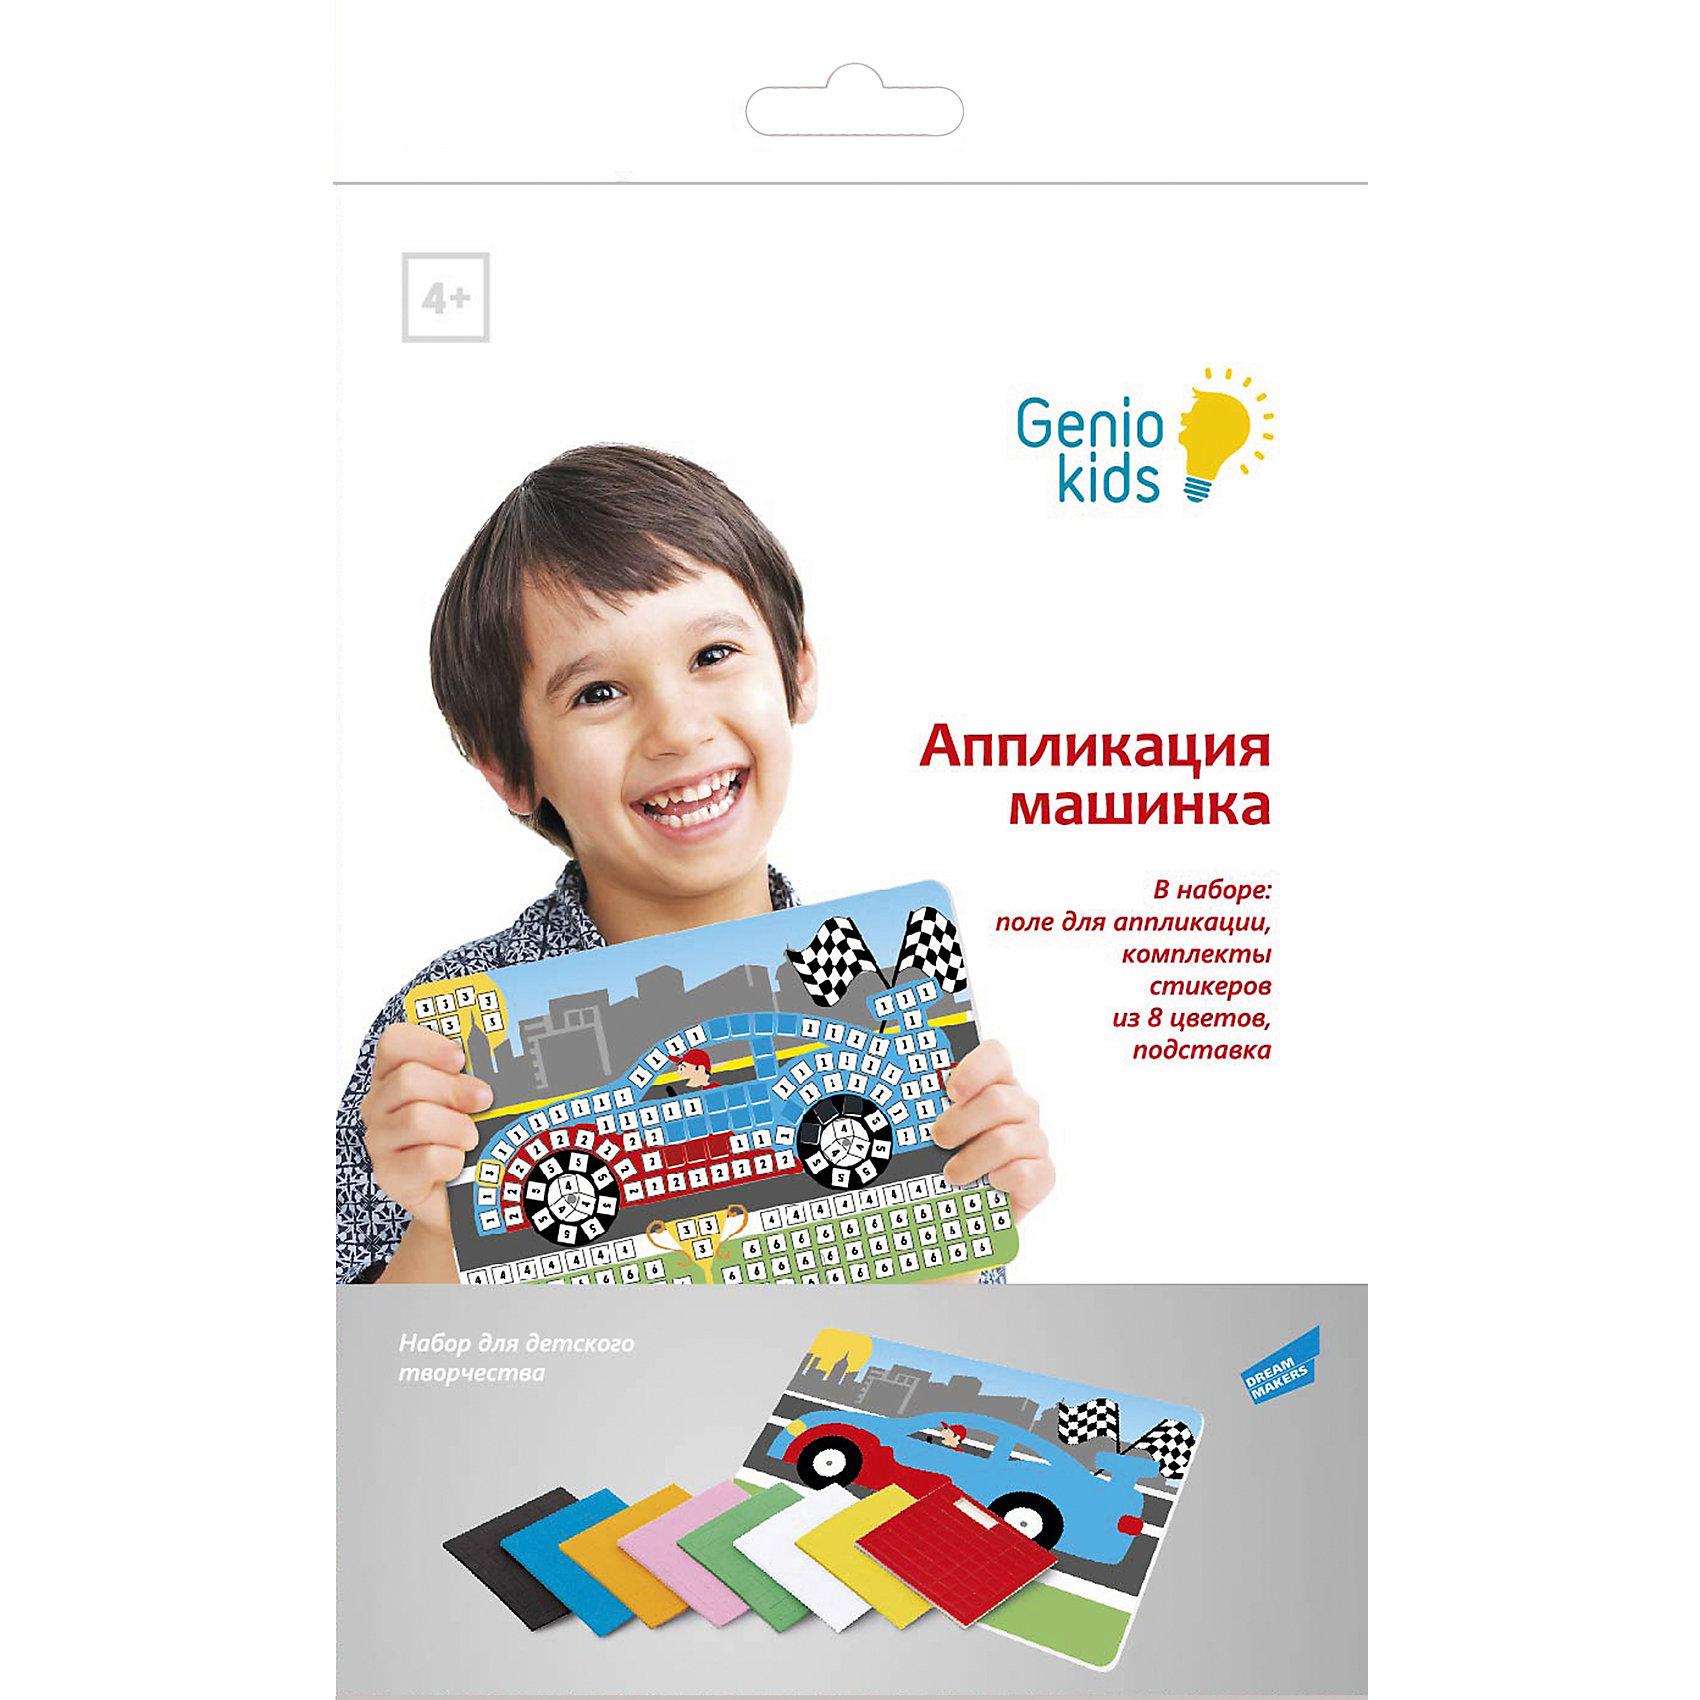 Аппликация МашинкаРукоделие<br>Набор Машинка позволит ребенку самому создать яркую картину в технике аппликации. В набор входит индивидуальная коробка с напечатанной на ней инструкцией, поле с напечатанным рисунком машинки, для приклеивания разноцветных стикеров с нанесённой клеевой основой. На поле нанесены цифры в квадратах с номером внутри . Ребёнок вынимает стикер из блока и наклеивает на игровое поле соответственно номеру цвета. В результате получается изображение автомобиля, которое можно поставить на картонную подставку. Аппликация не только приносит много радости детям, работа в этой технике развивает мелкую моторику и мышление, а также внимательность и усидчивость ребенка.<br><br>Дополнительная информация<br><br>- Материал: бумага.<br>- Размер упаковки: 24 x 15 x 3 см.<br>- Комплектация: поле для стикеров - 1 шт, подставка для поля - 1 шт, стикеры - 8 блоков ( 64 стикера, размером 60 х 60 мм).<br><br>Аппликацию Машинка можно купить в нашем магазине.<br><br>Ширина мм: 20<br>Глубина мм: 150<br>Высота мм: 230<br>Вес г: 200<br>Возраст от месяцев: 48<br>Возраст до месяцев: 120<br>Пол: Унисекс<br>Возраст: Детский<br>SKU: 4222232